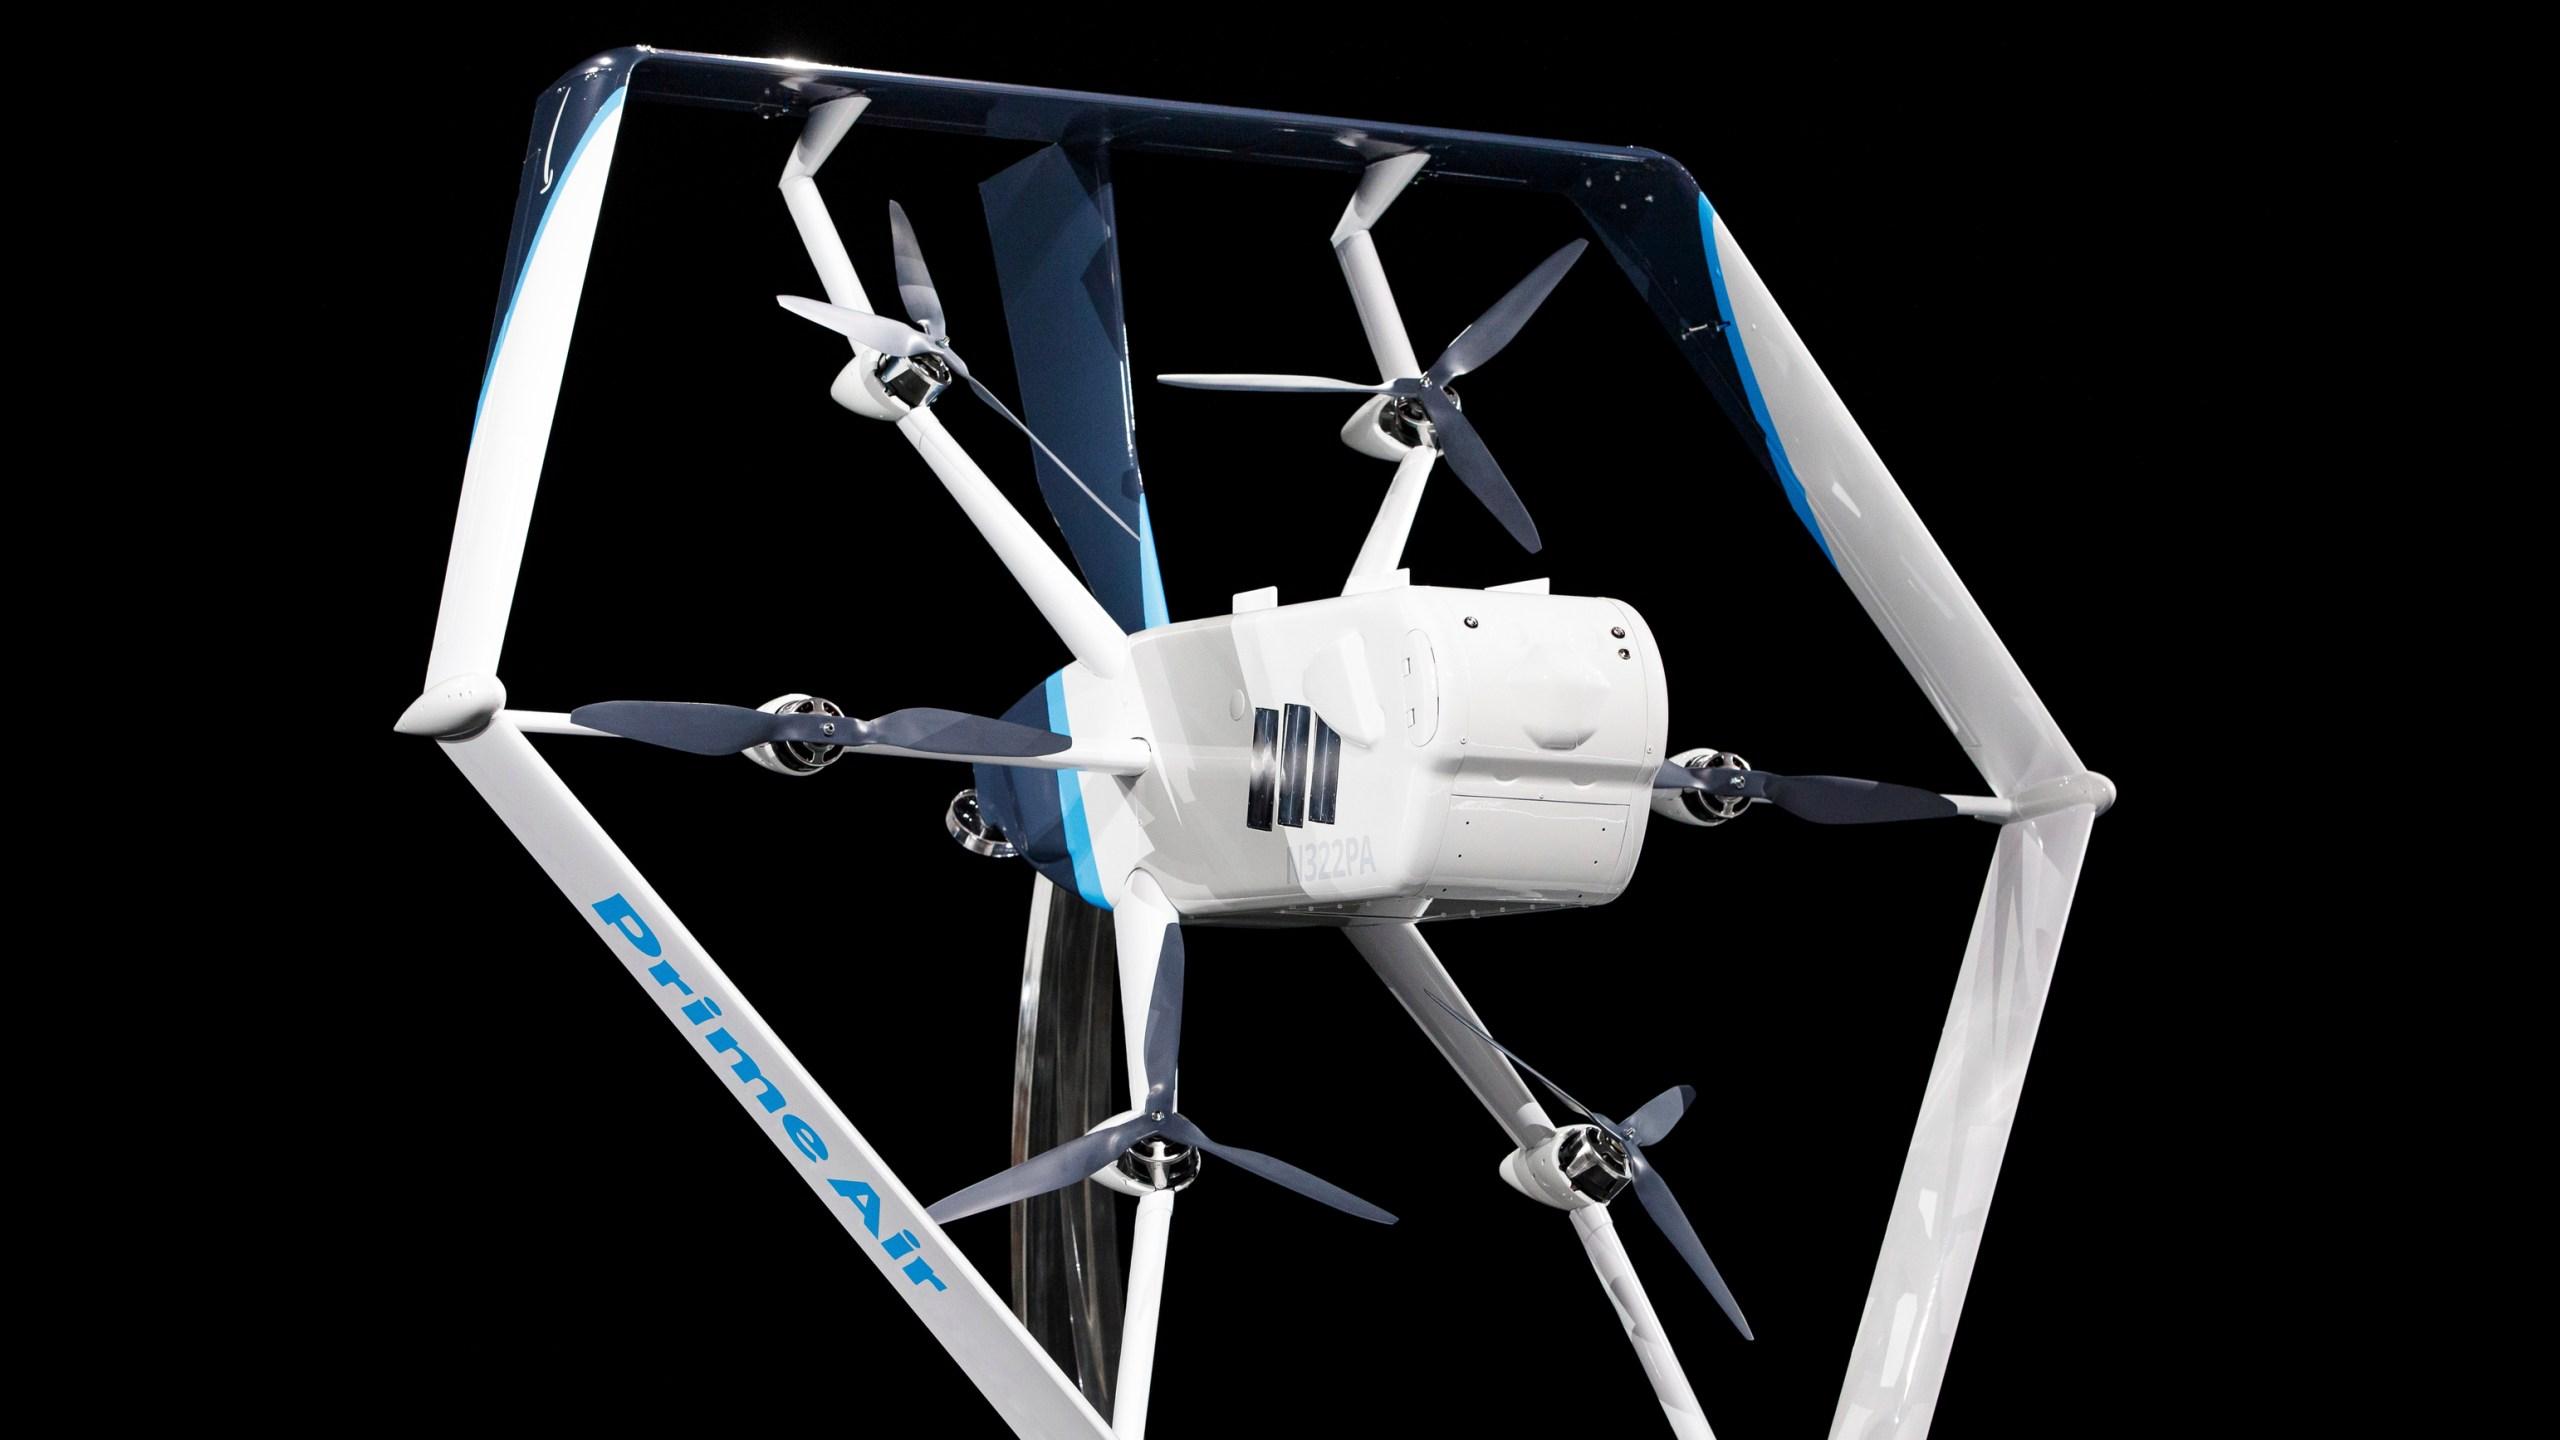 Amazon_Drones_Delivery_05181-159532.jpg17490585